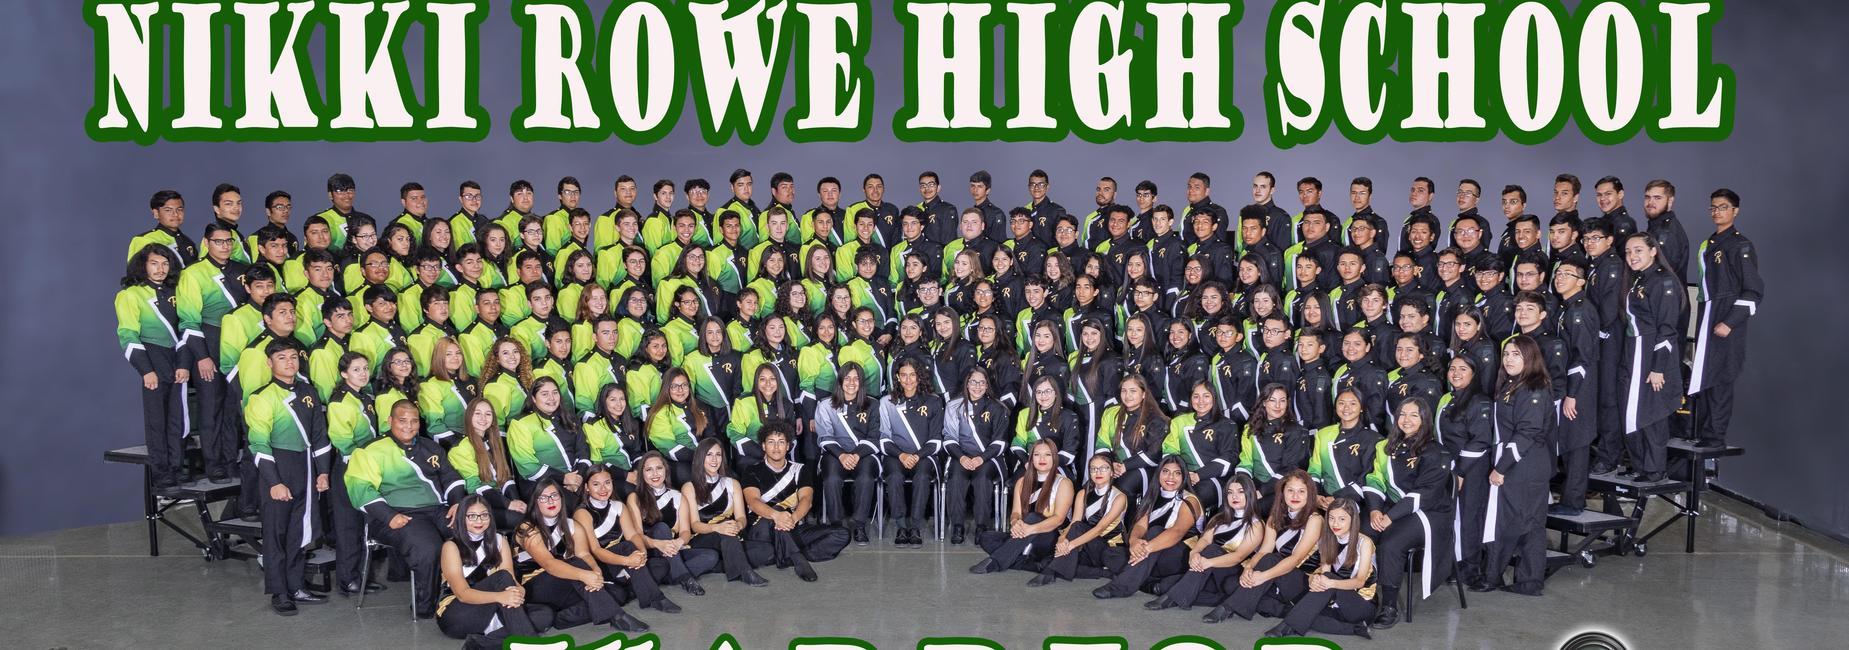 James Nikki Rowe High School